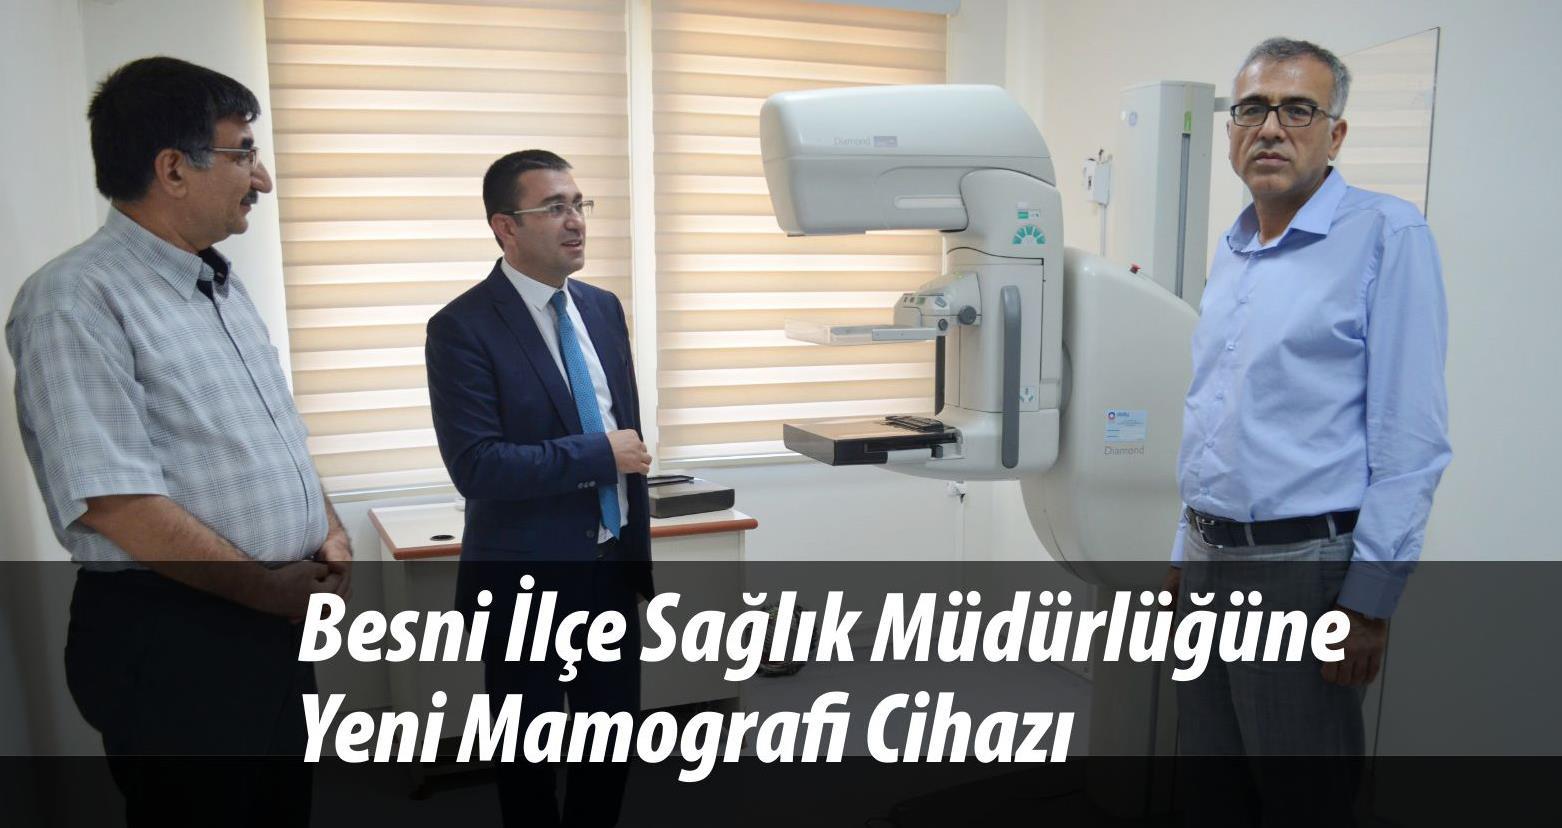 Besni İlçe Sağlık Müdürlüğüne Yeni Mamografi Cihazı